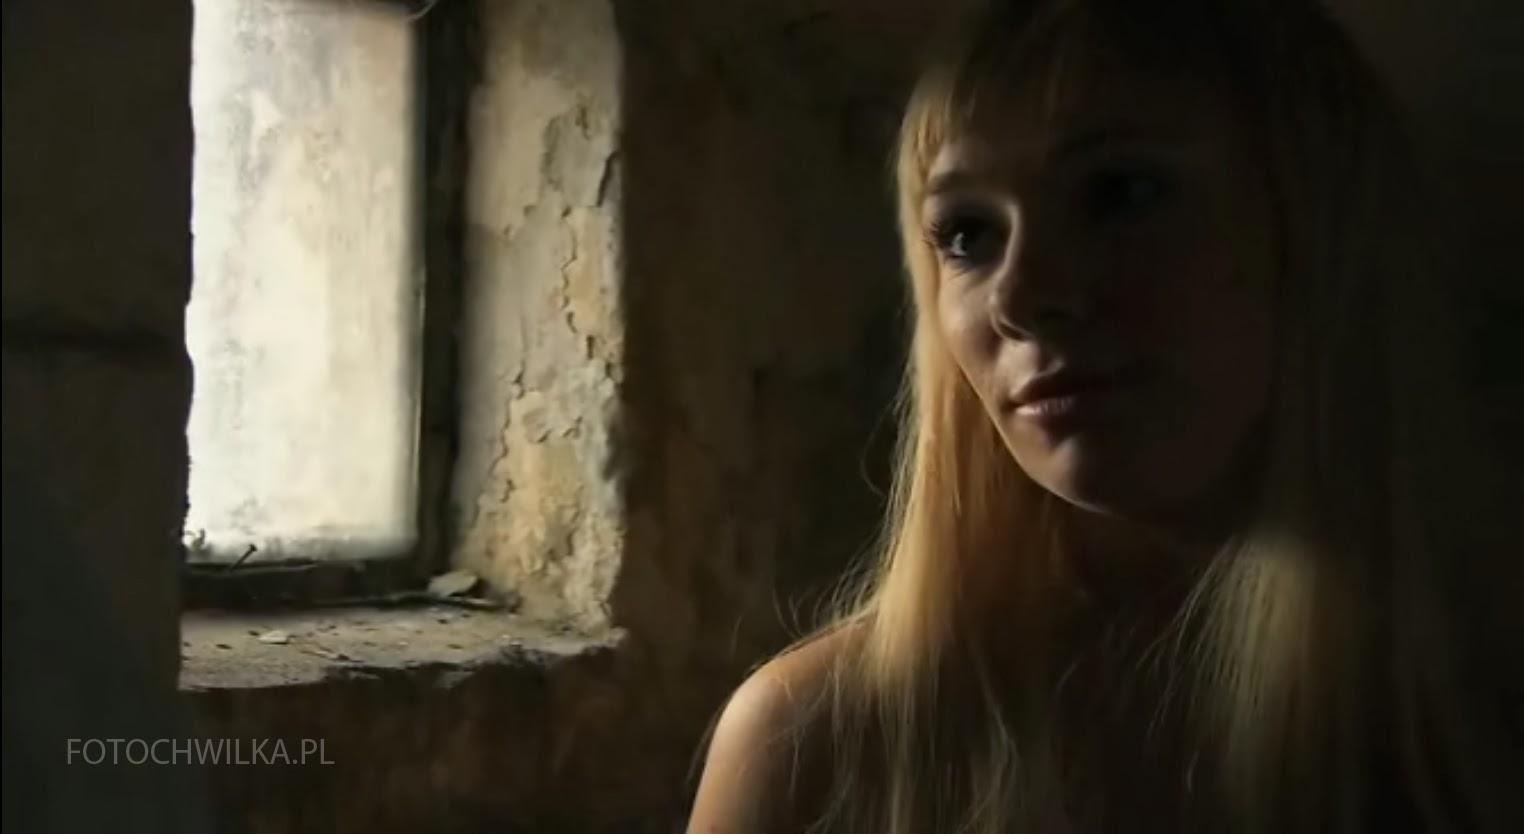 Rezerwat - kadr z filmu. Sonia Bohosiewicz